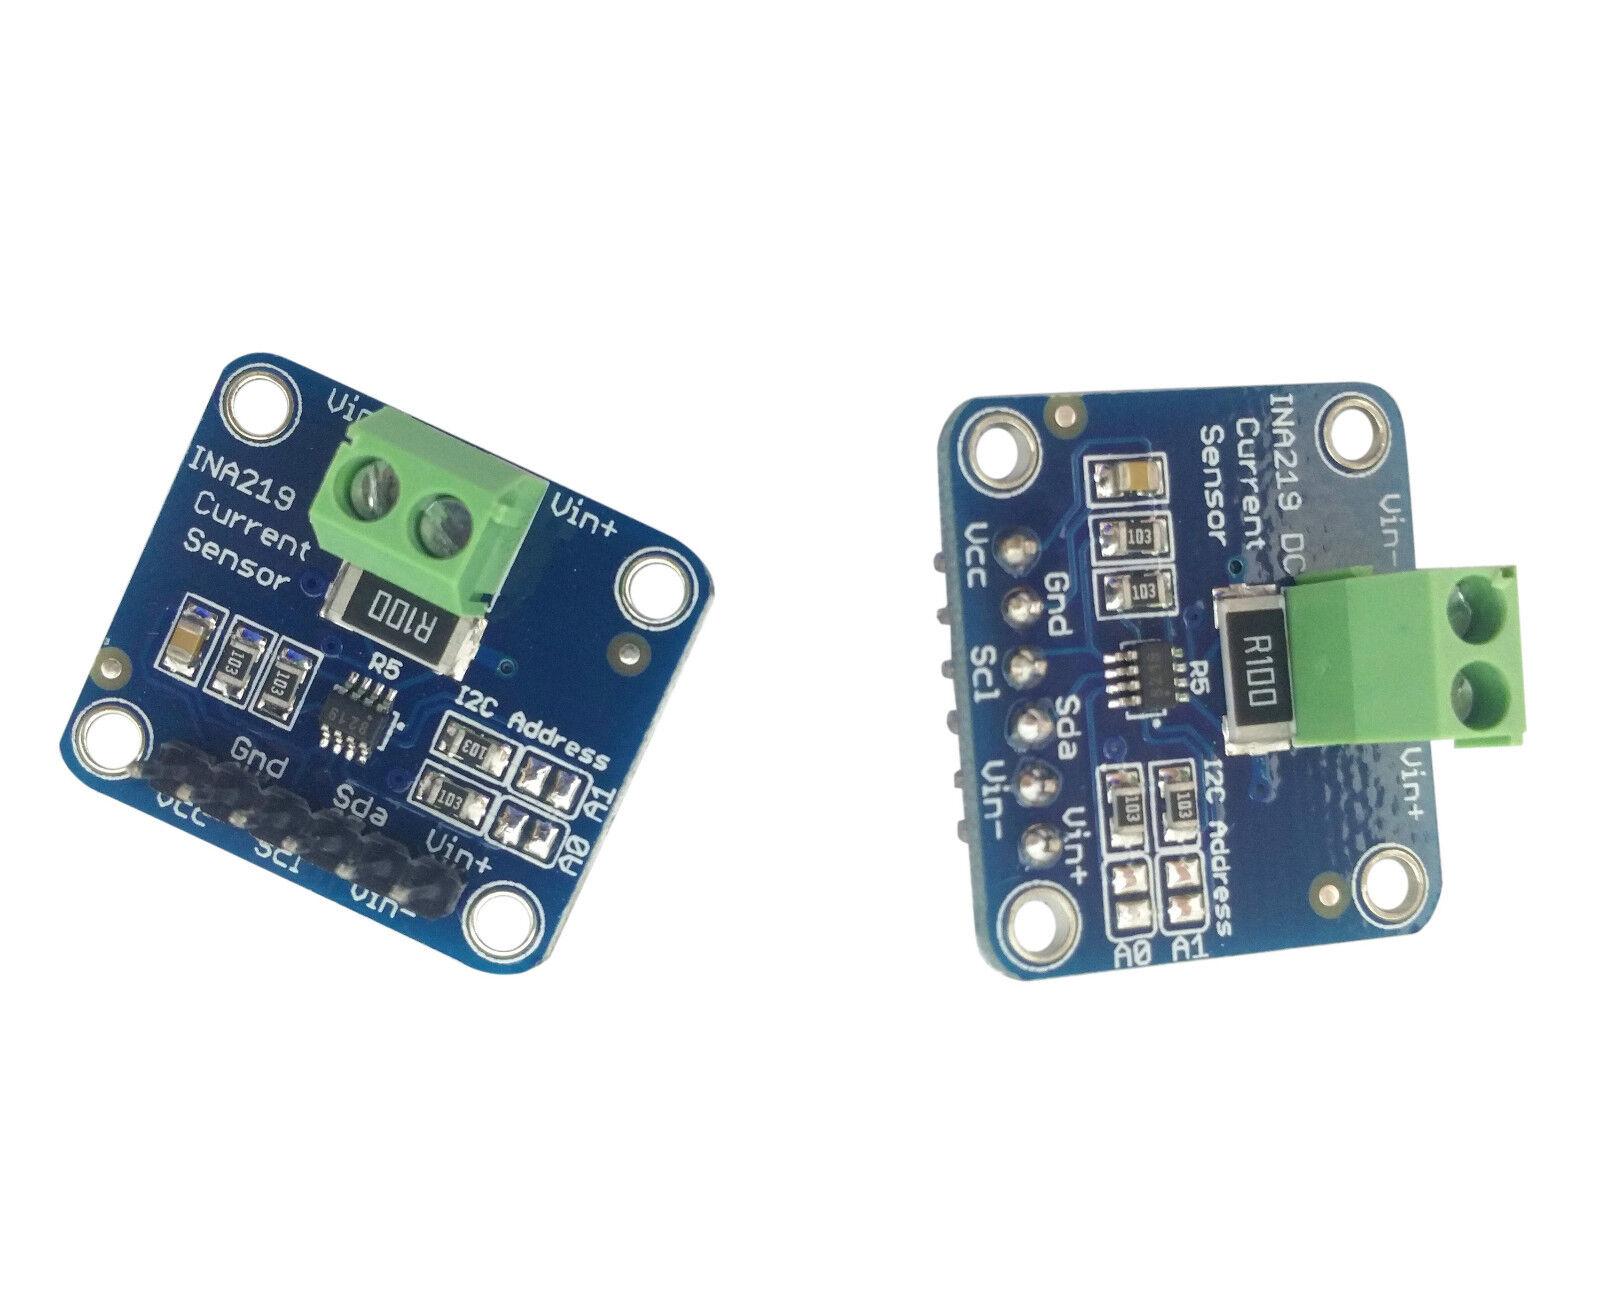 Pcs ina dc current sensor voltage test module breakout